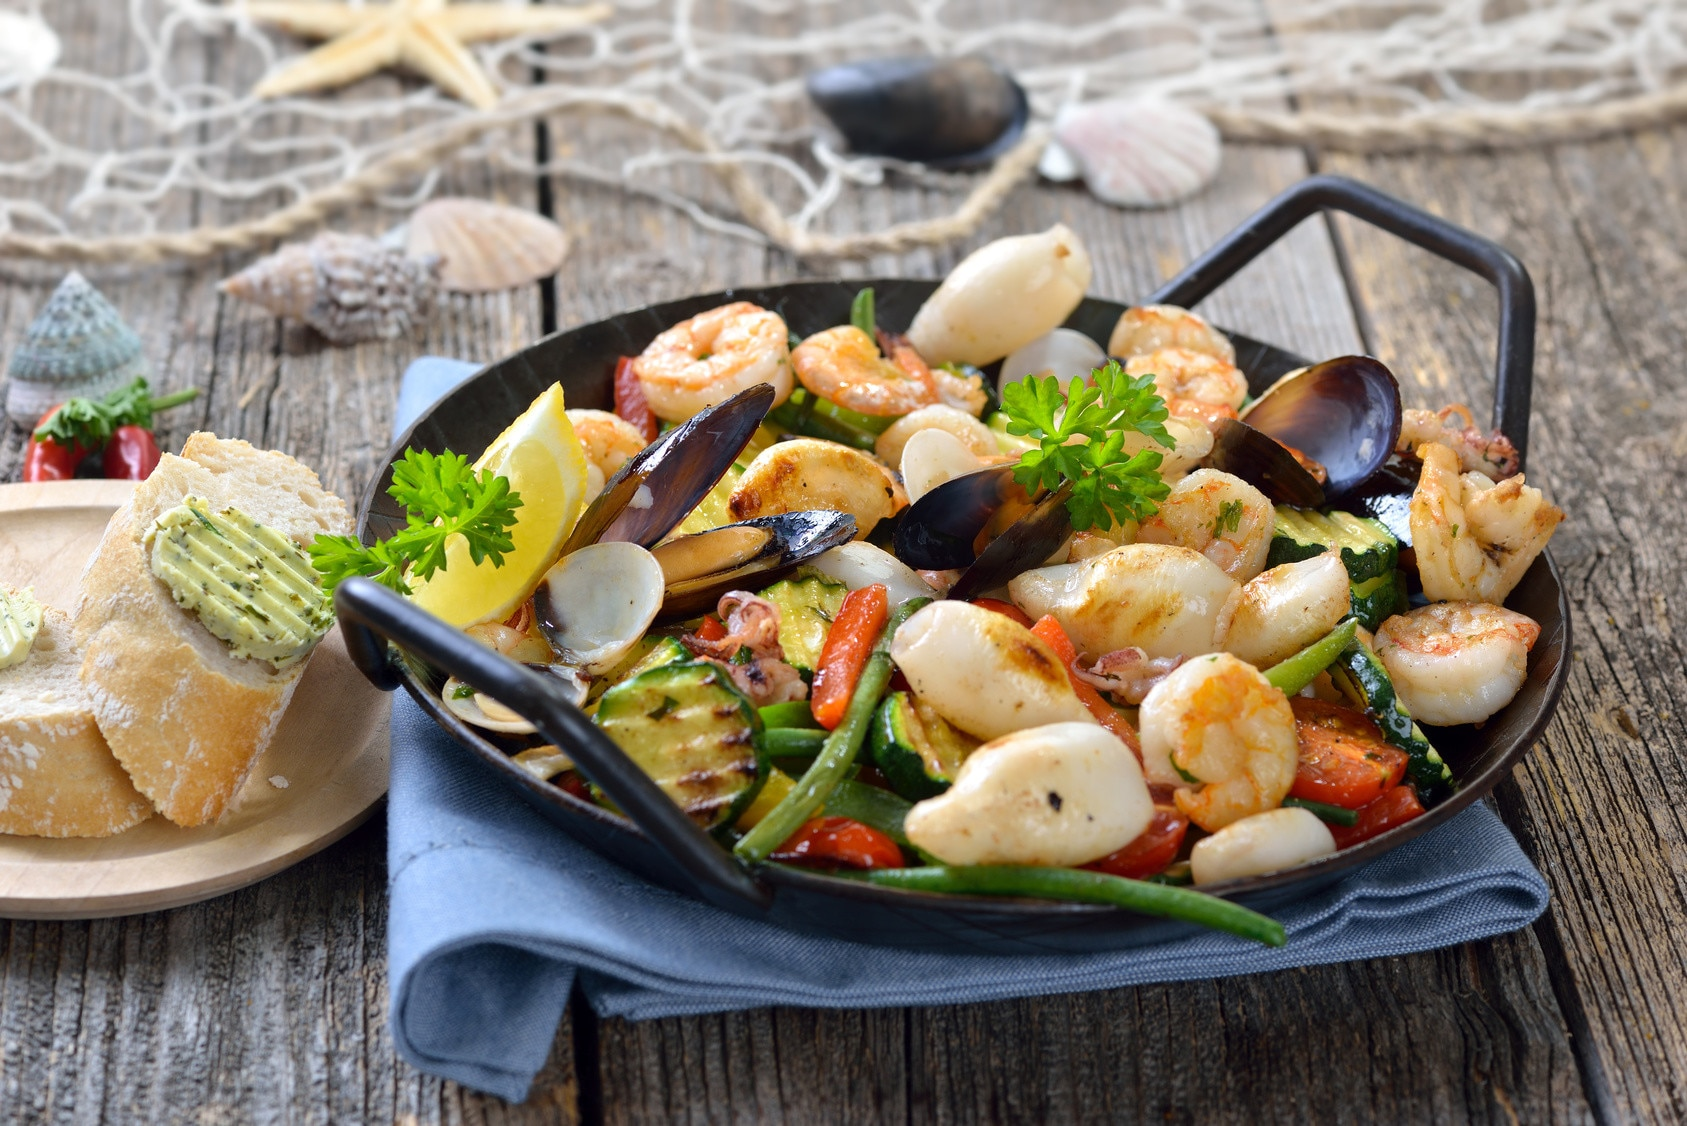 Potrawy Z Owocow Morza Z Czym I Jak Je Podawac Przepisy Pl